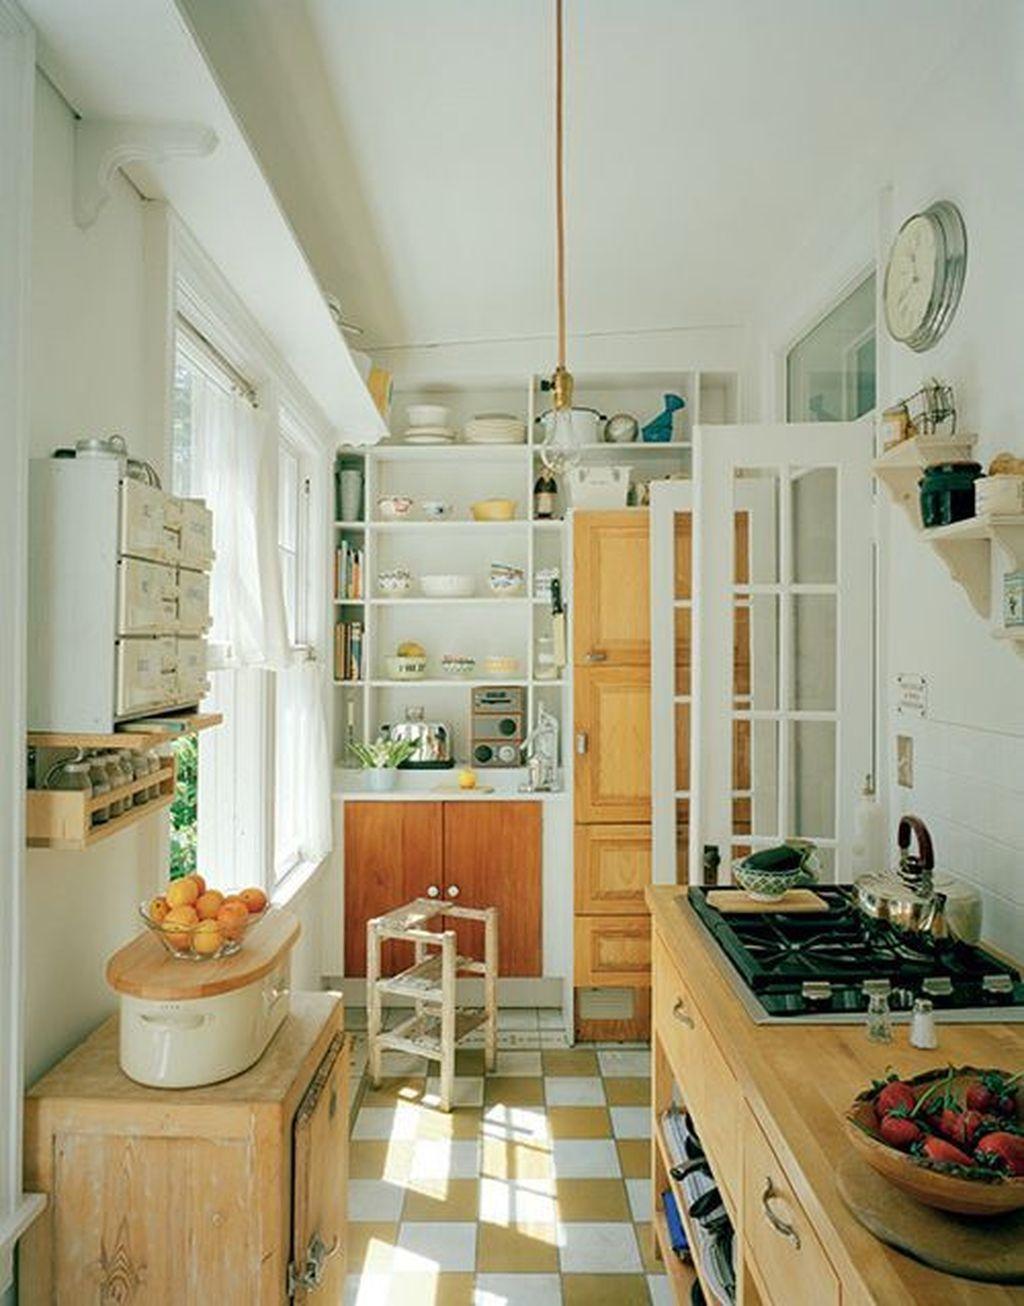 best simple kitchen design ideas on a budget kitchens kitchen